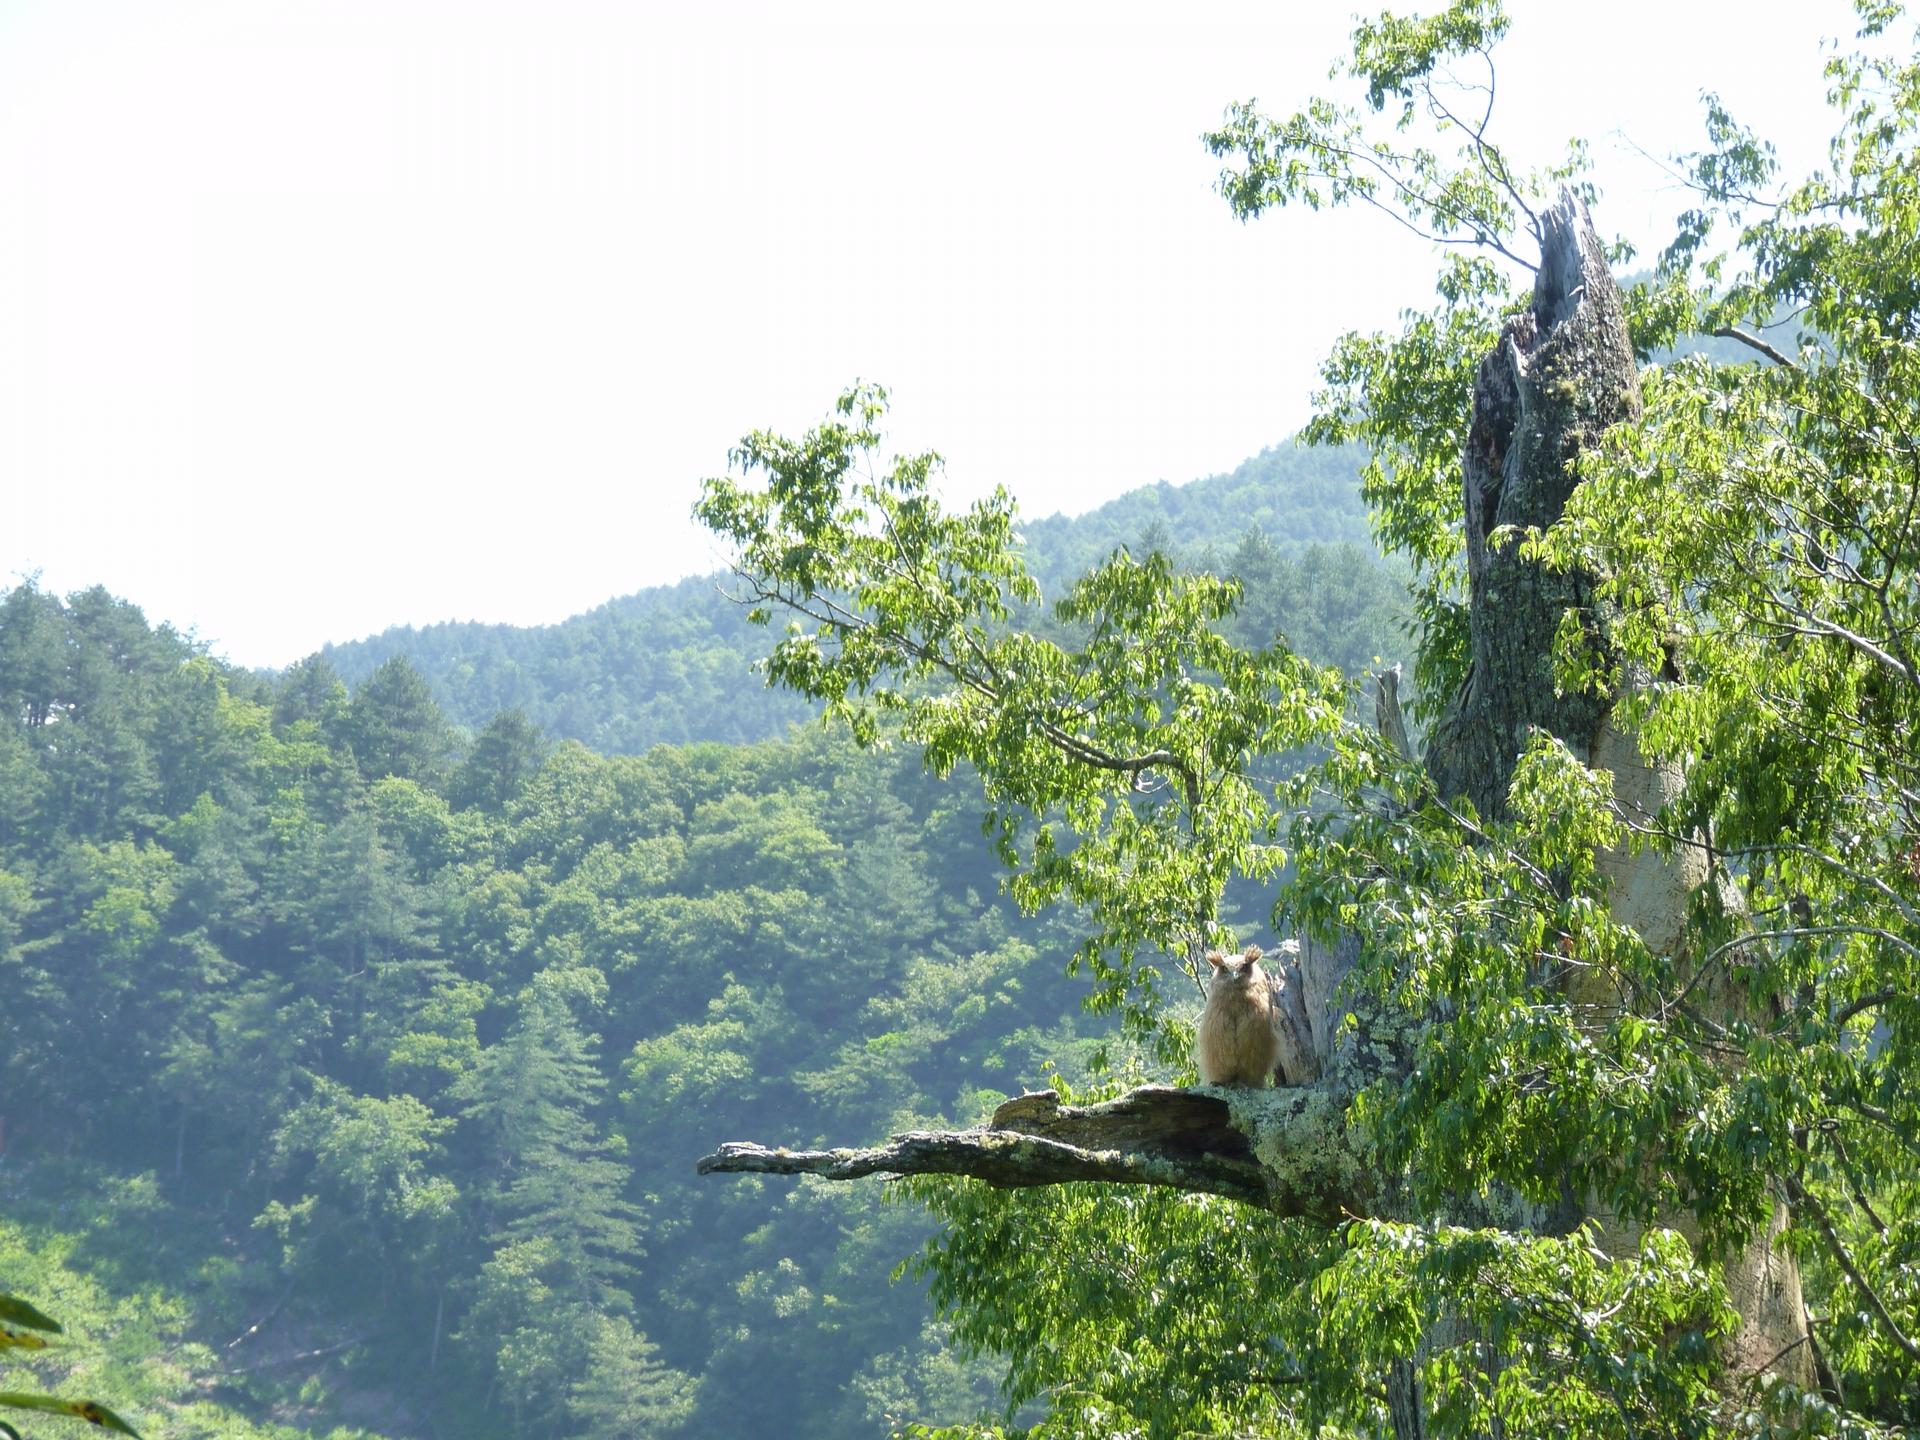 約50天大的黃魚鴞幼鳥走出樹洞,即將離巢(攝影:孫元勳)